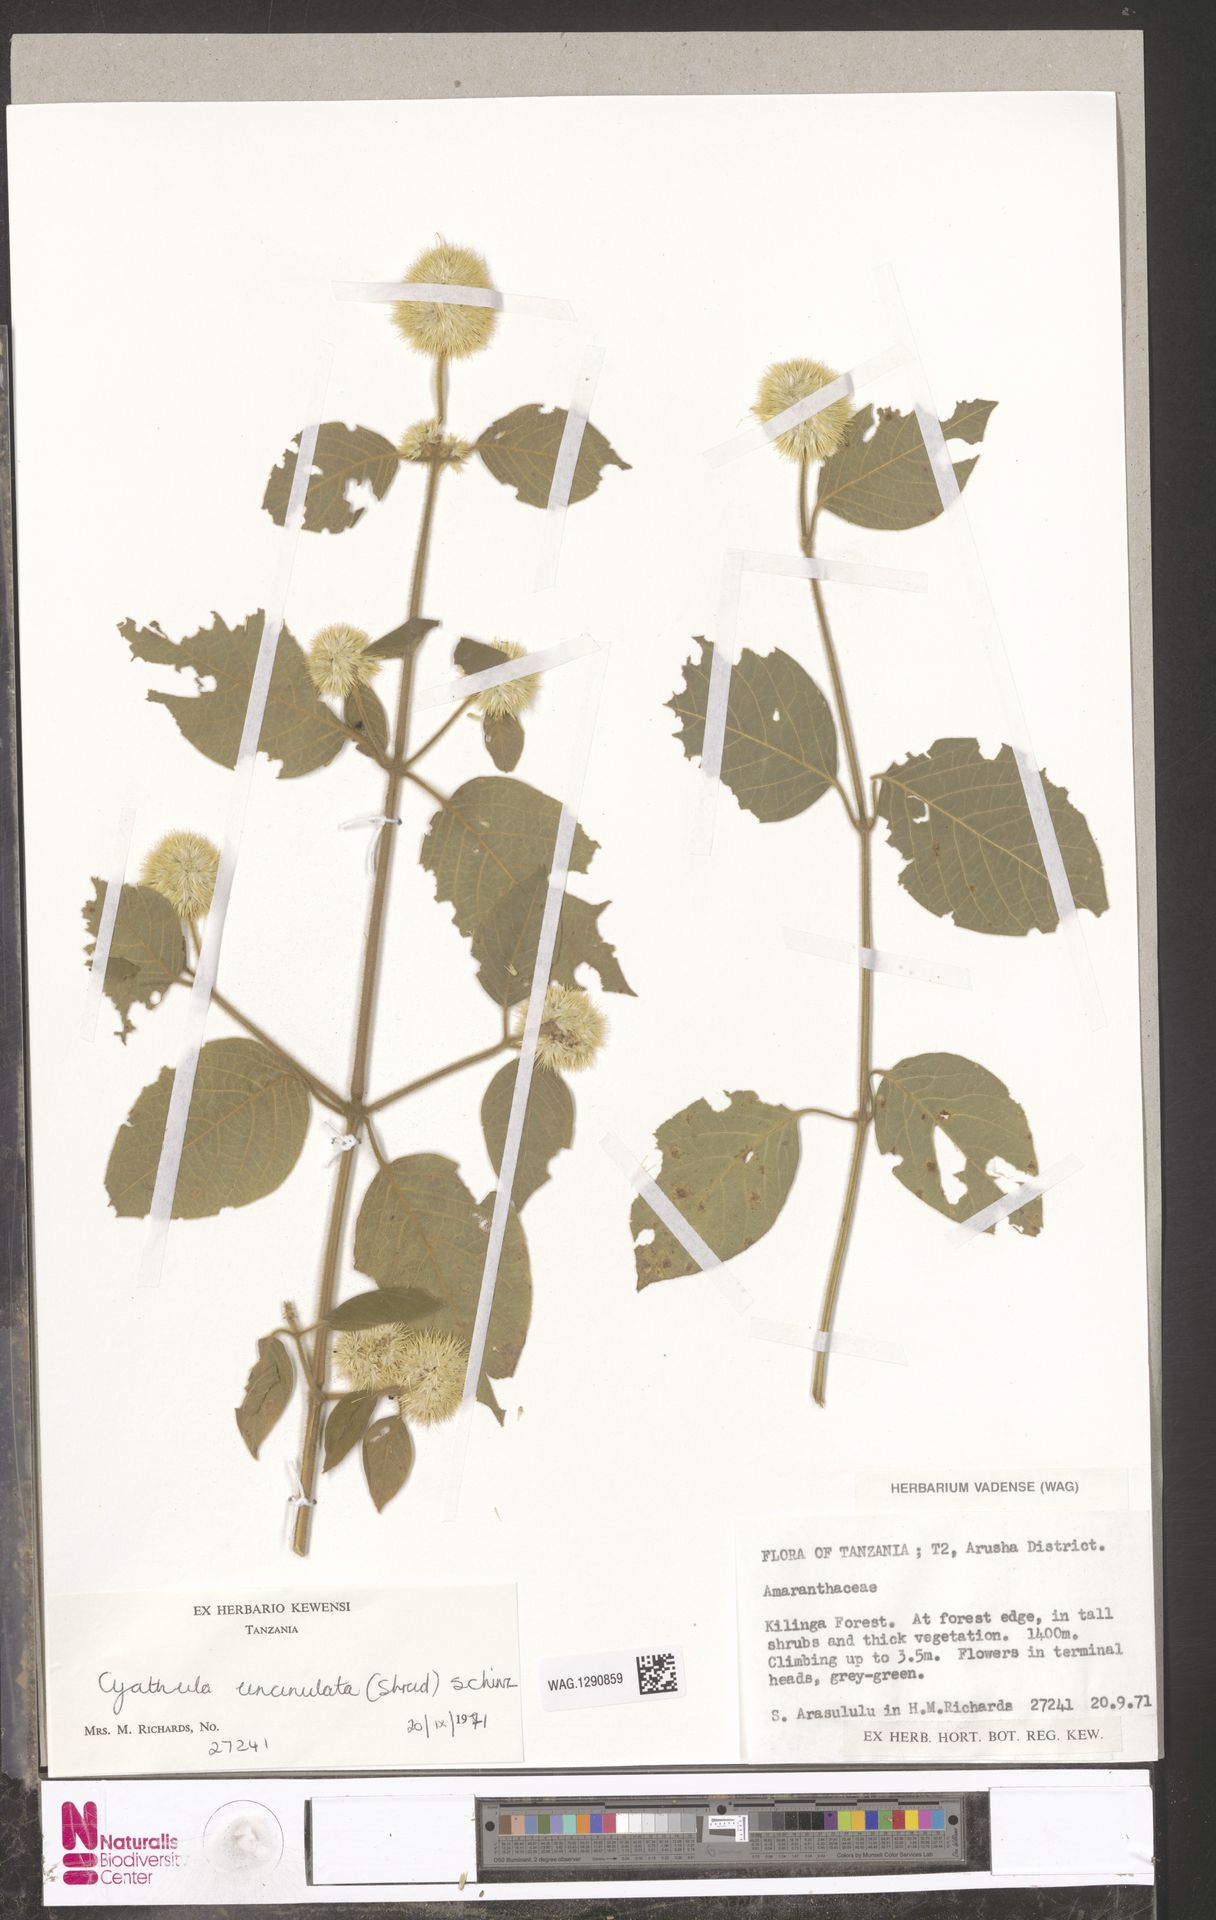 WAG.1290859 | Cyathula uncinulata (Schrad.) Schinz